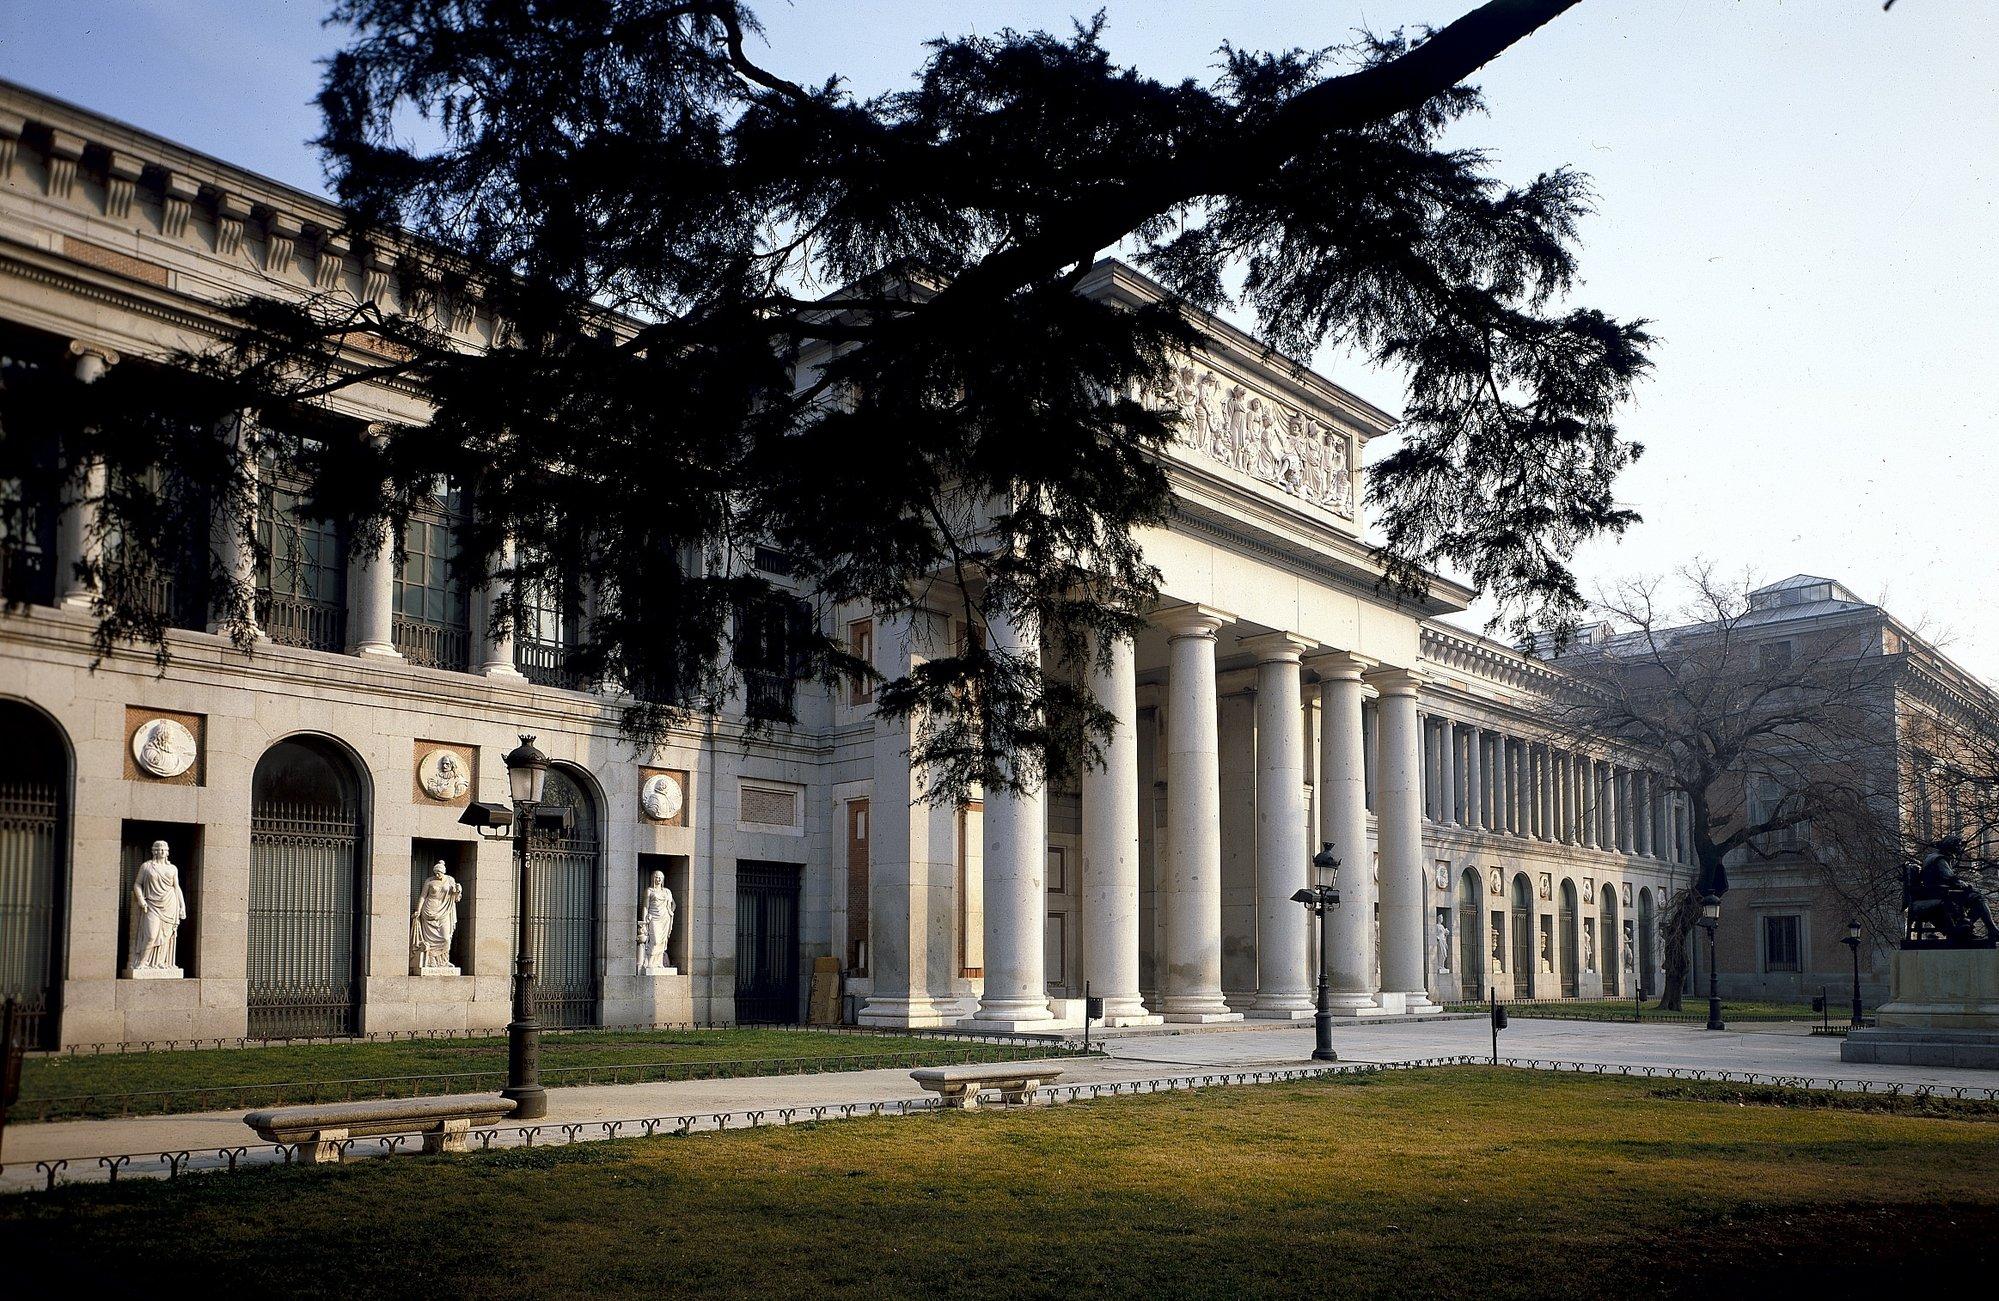 La Comunidad celebra mañana el Día Internacional de los Museos con actividades para todos los públicos